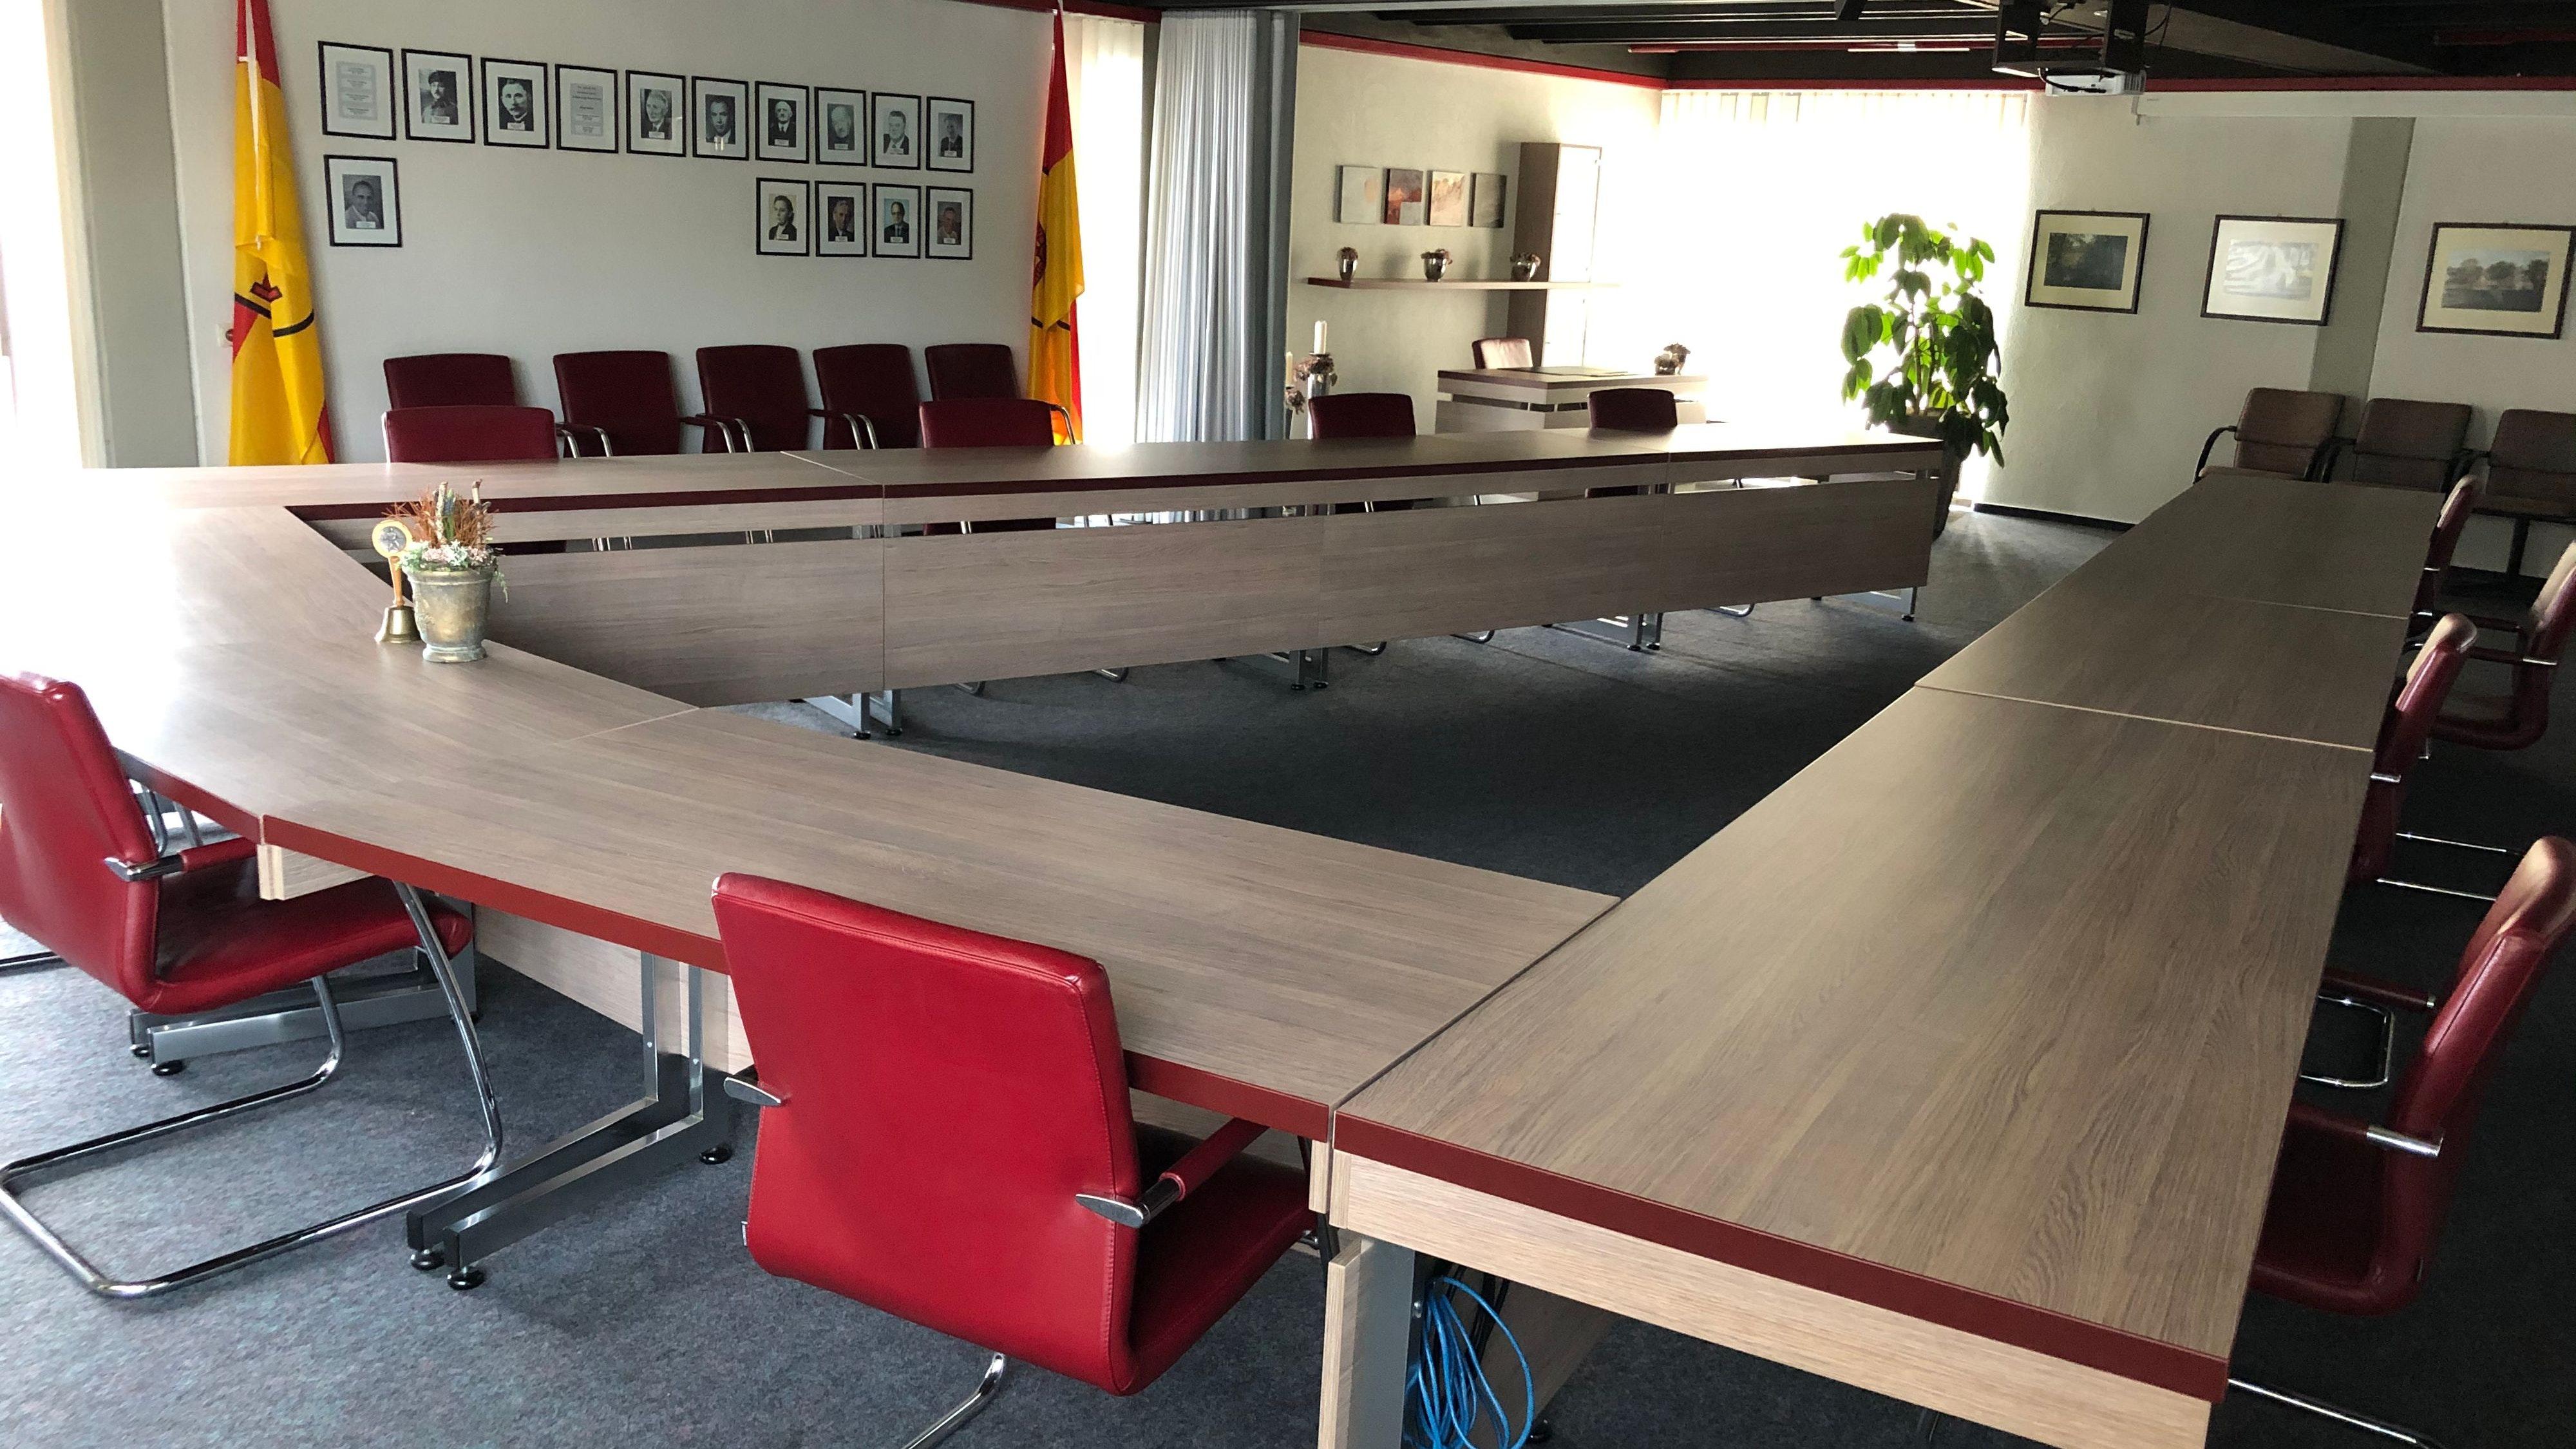 Hier wird getagt: Für die Arbeit im Rat kandidieren 52 Personen – so viele, wie noch nie. Foto: Böckmann